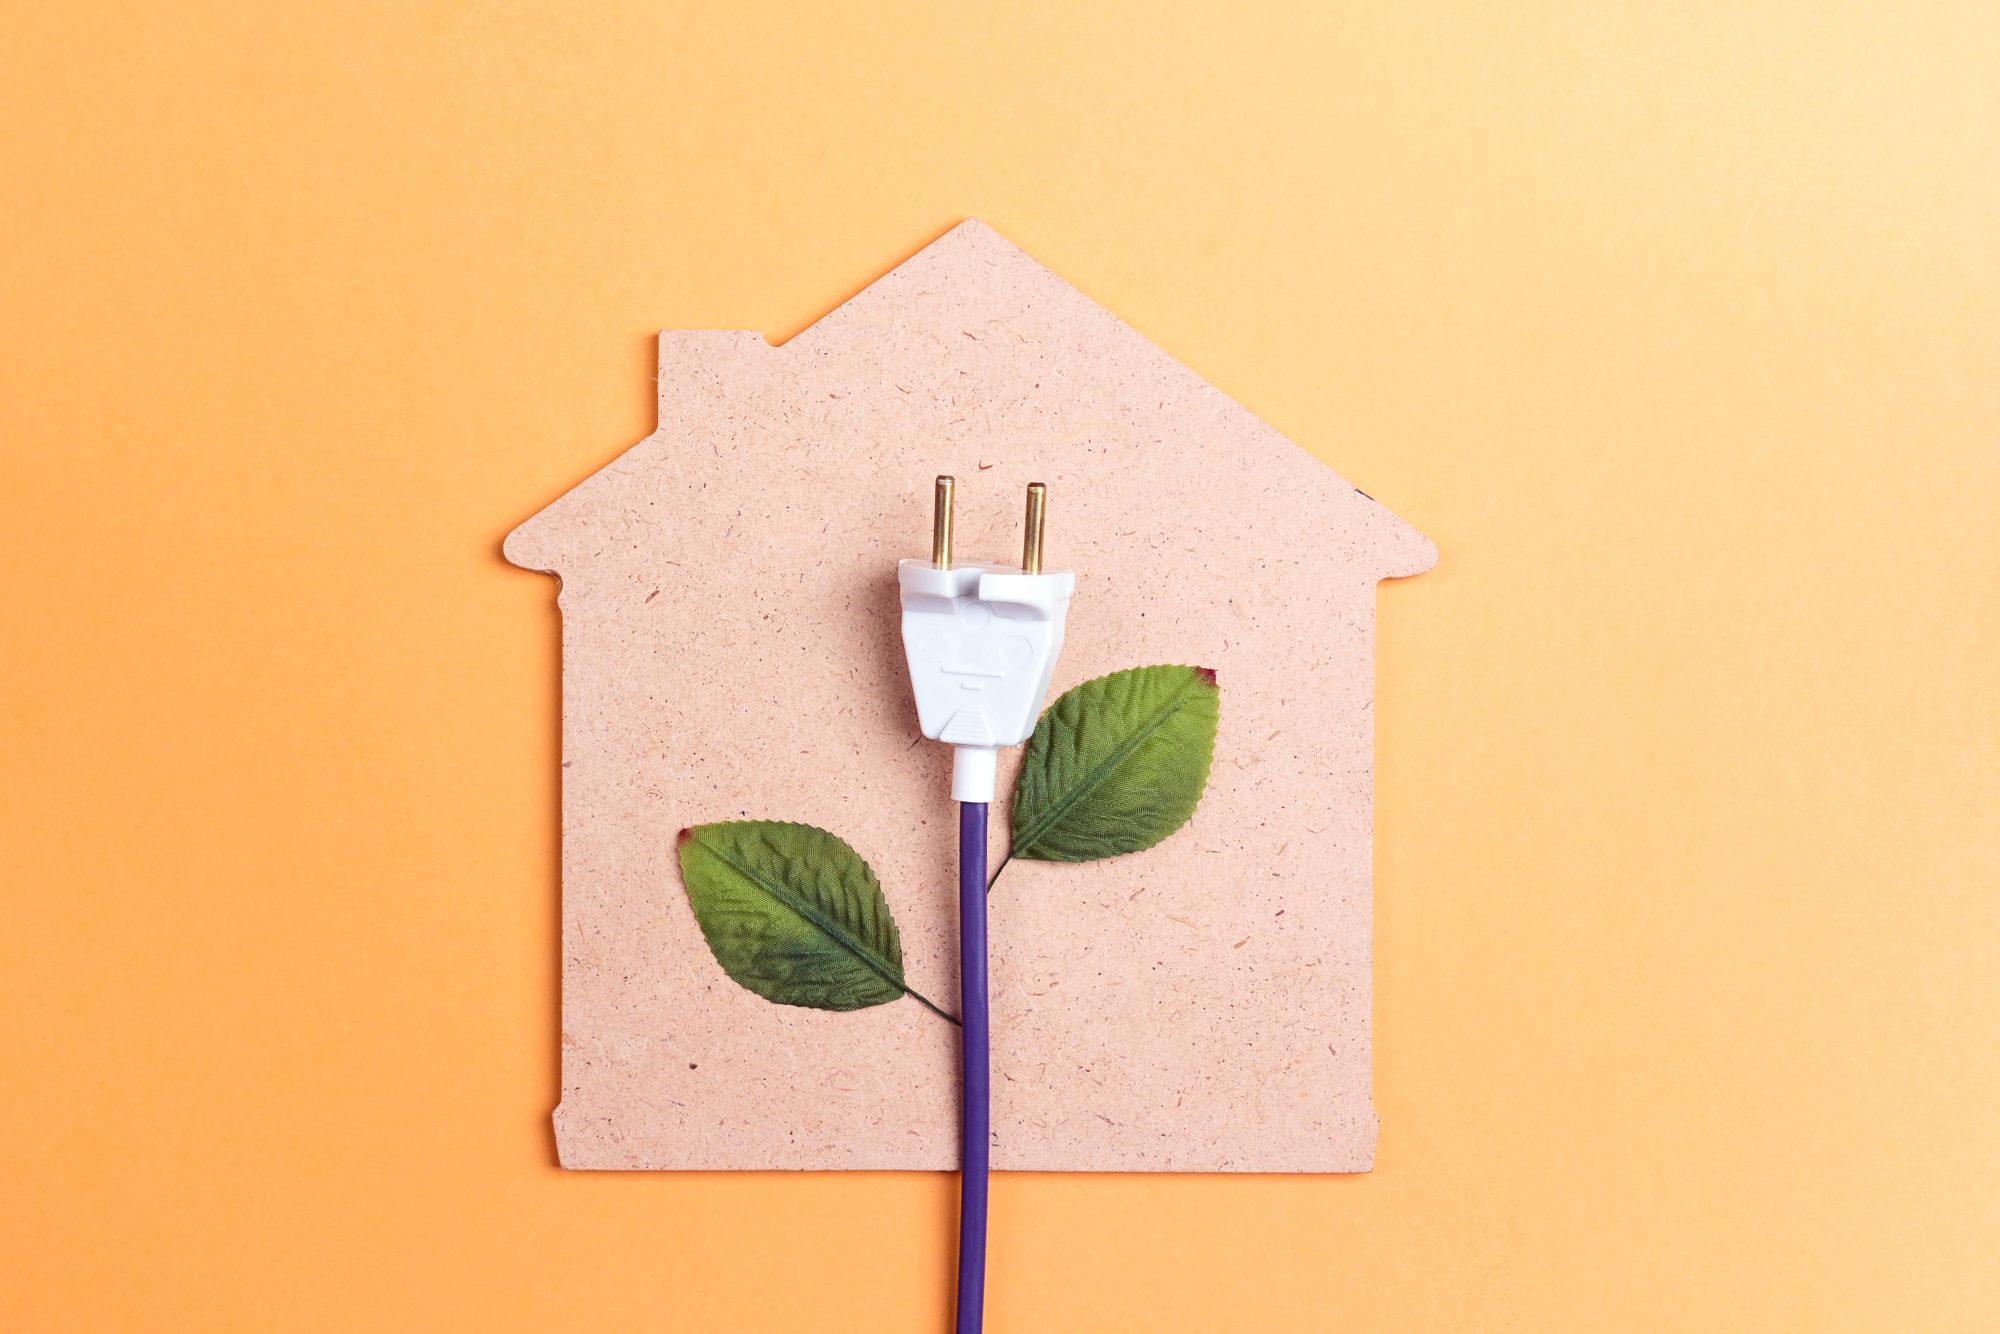 Hoe kan ik de CO2-uitstoot van mijn woning verminderen?